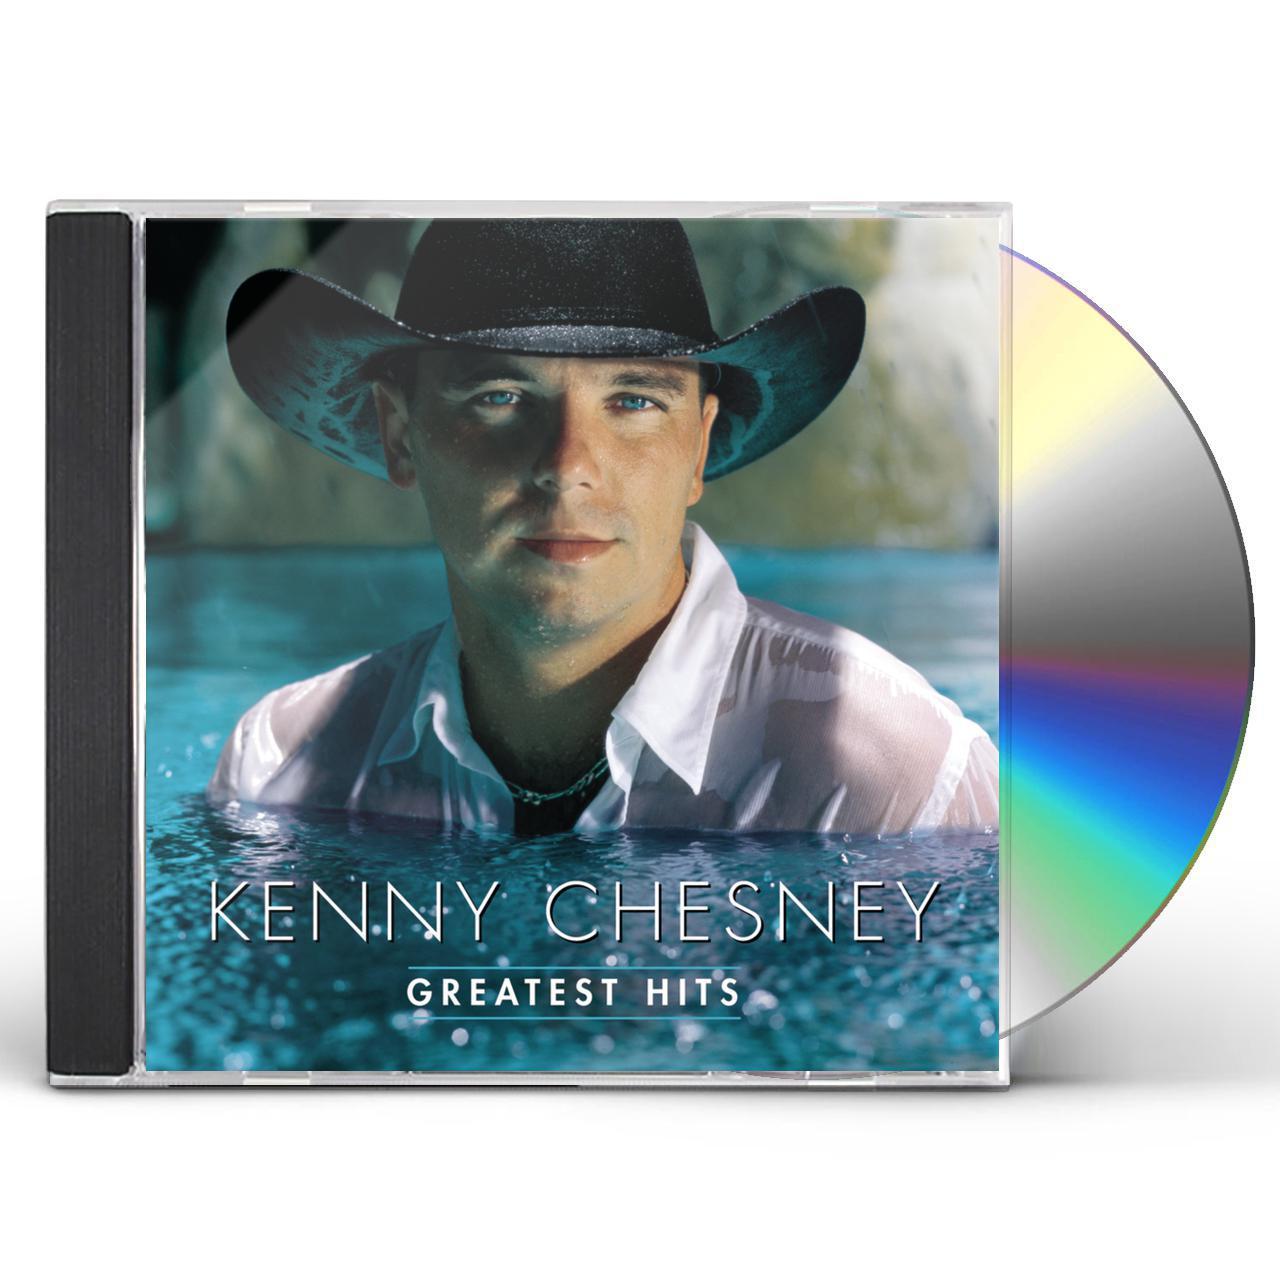 Kenny Chesney GREATEST HITS CD